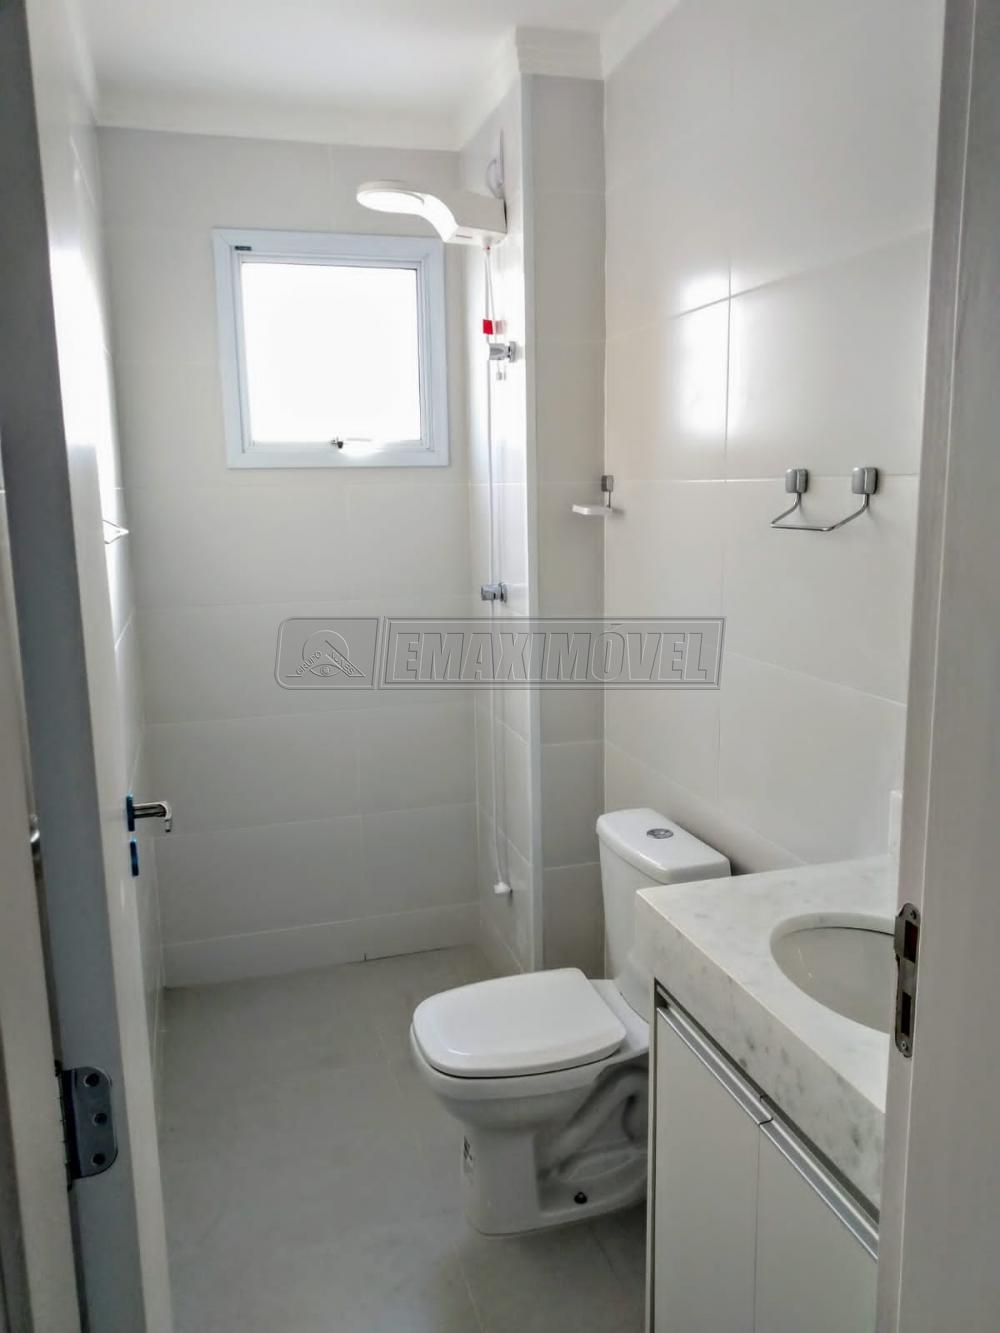 Comprar Apartamento / Padrão em Sorocaba R$ 310.000,00 - Foto 12